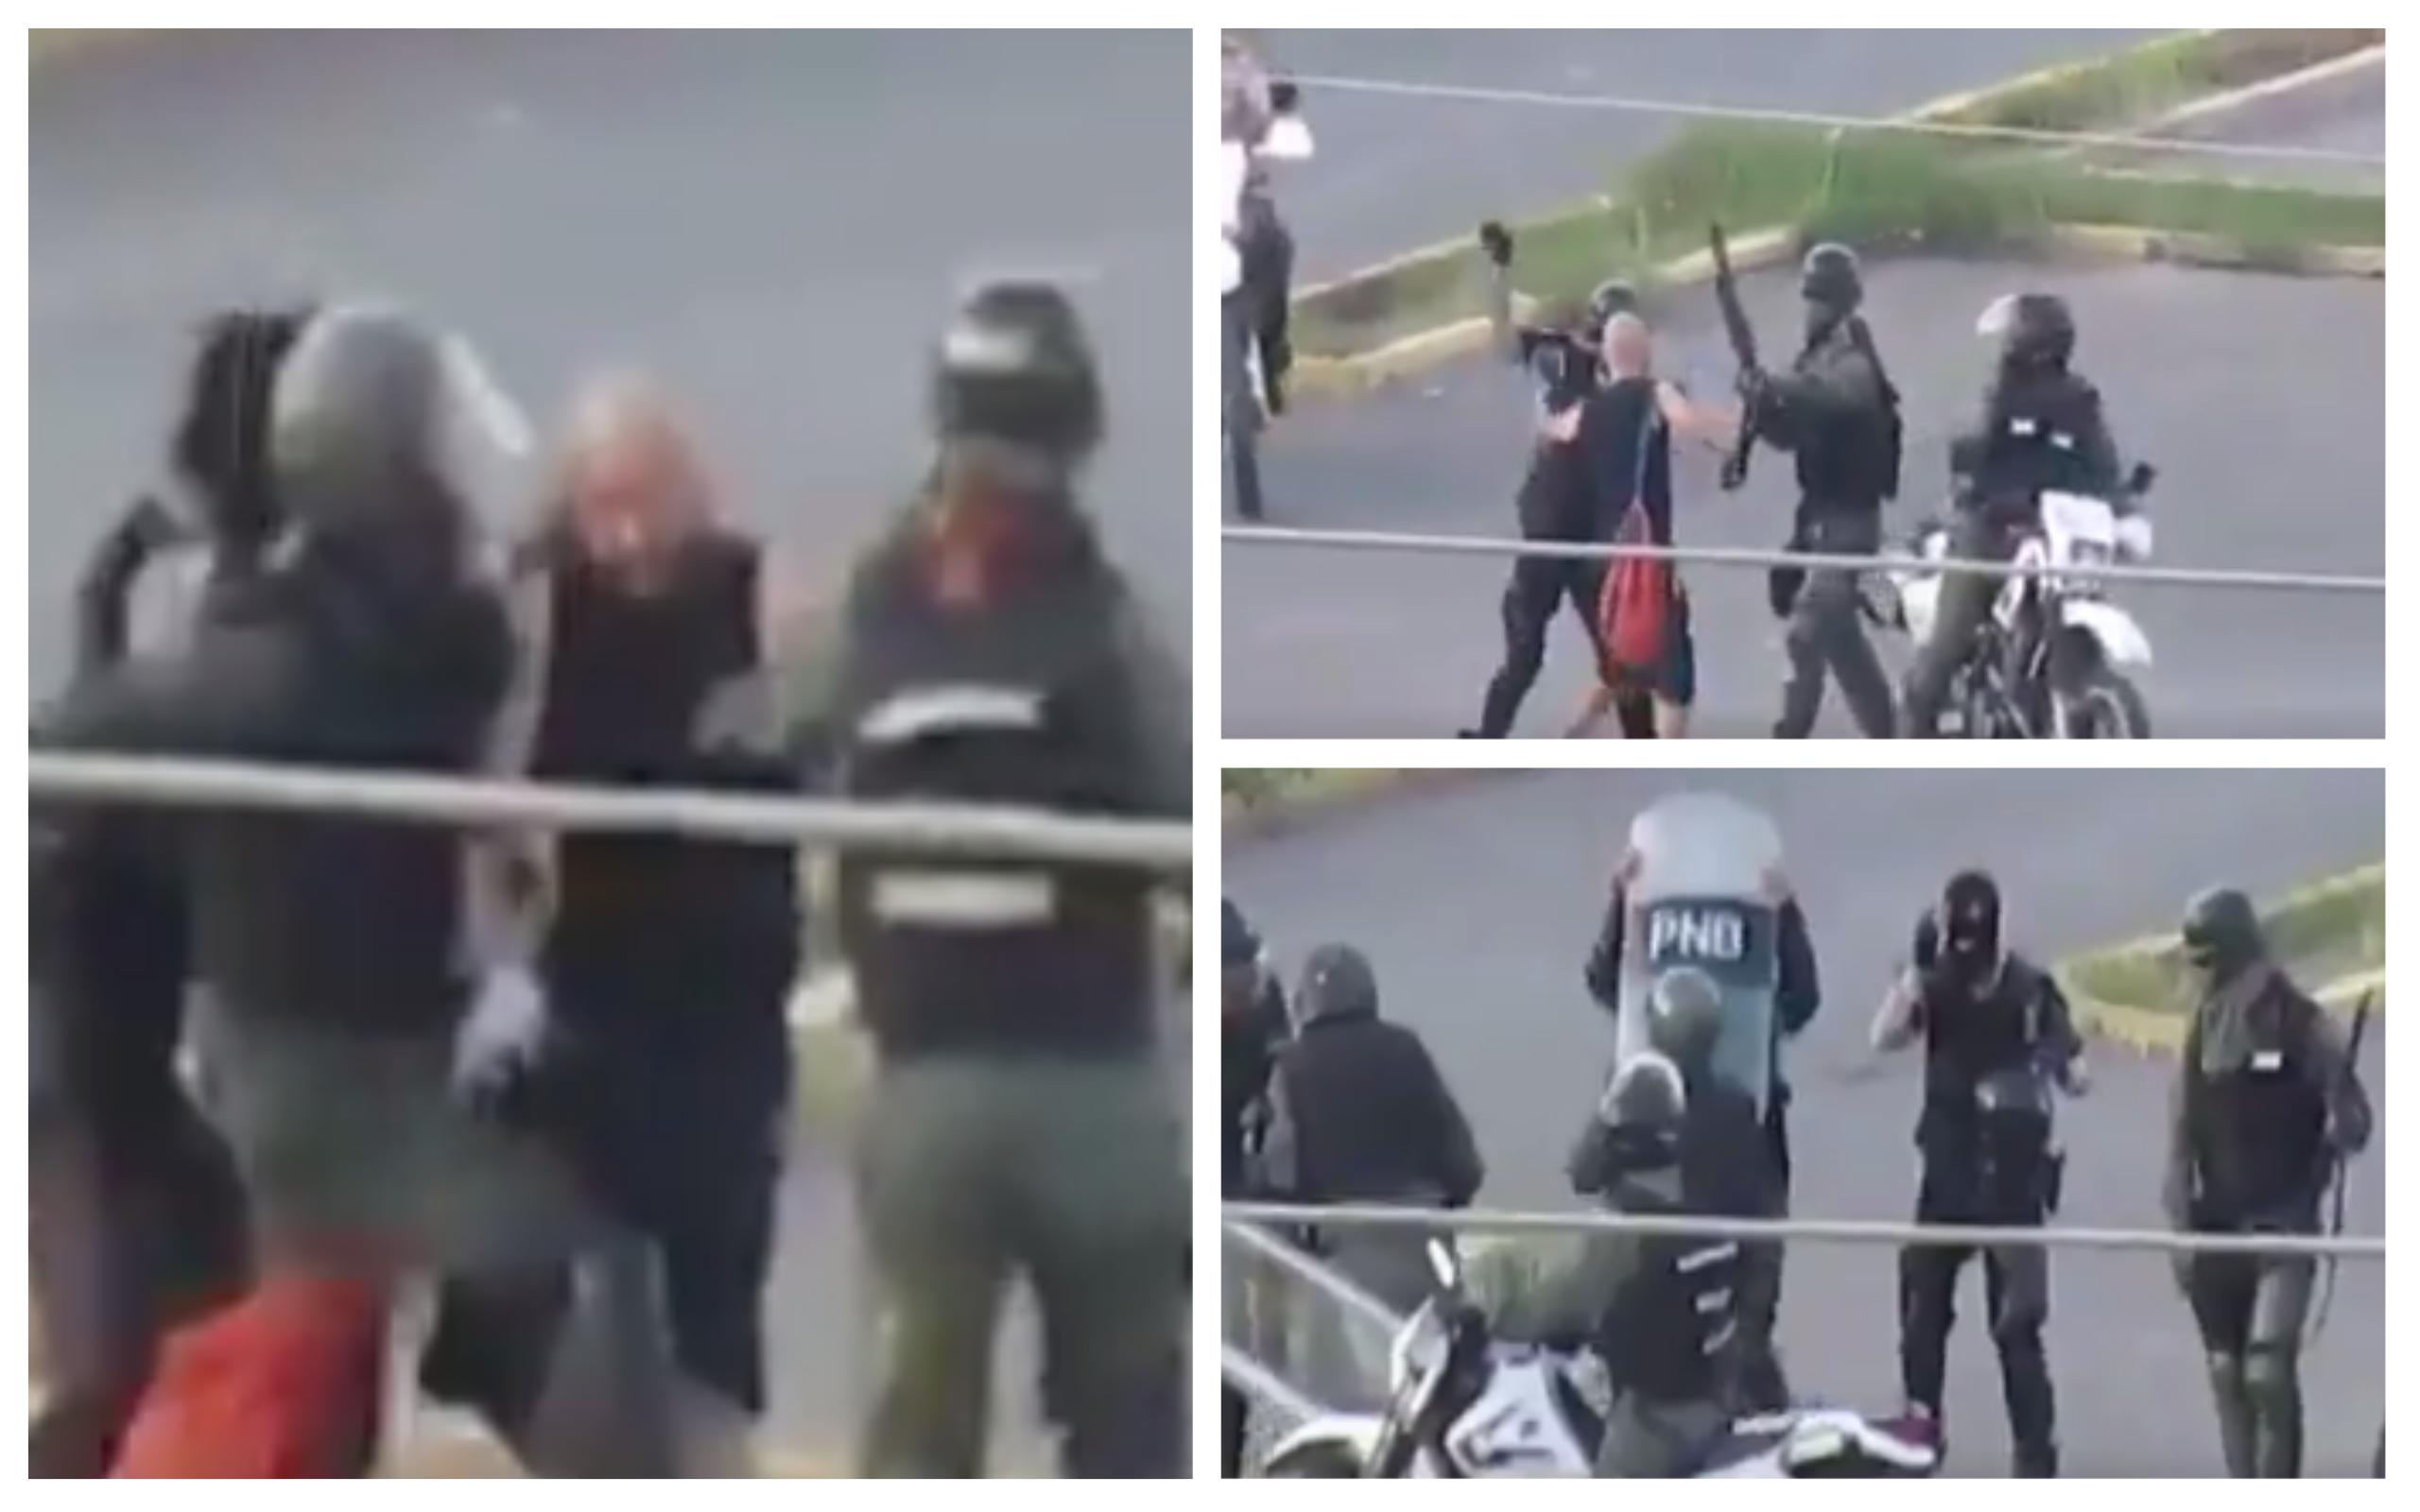 El hombre solitario y desarmado fue abordado de manera violenta por los uniformados en Lechería.